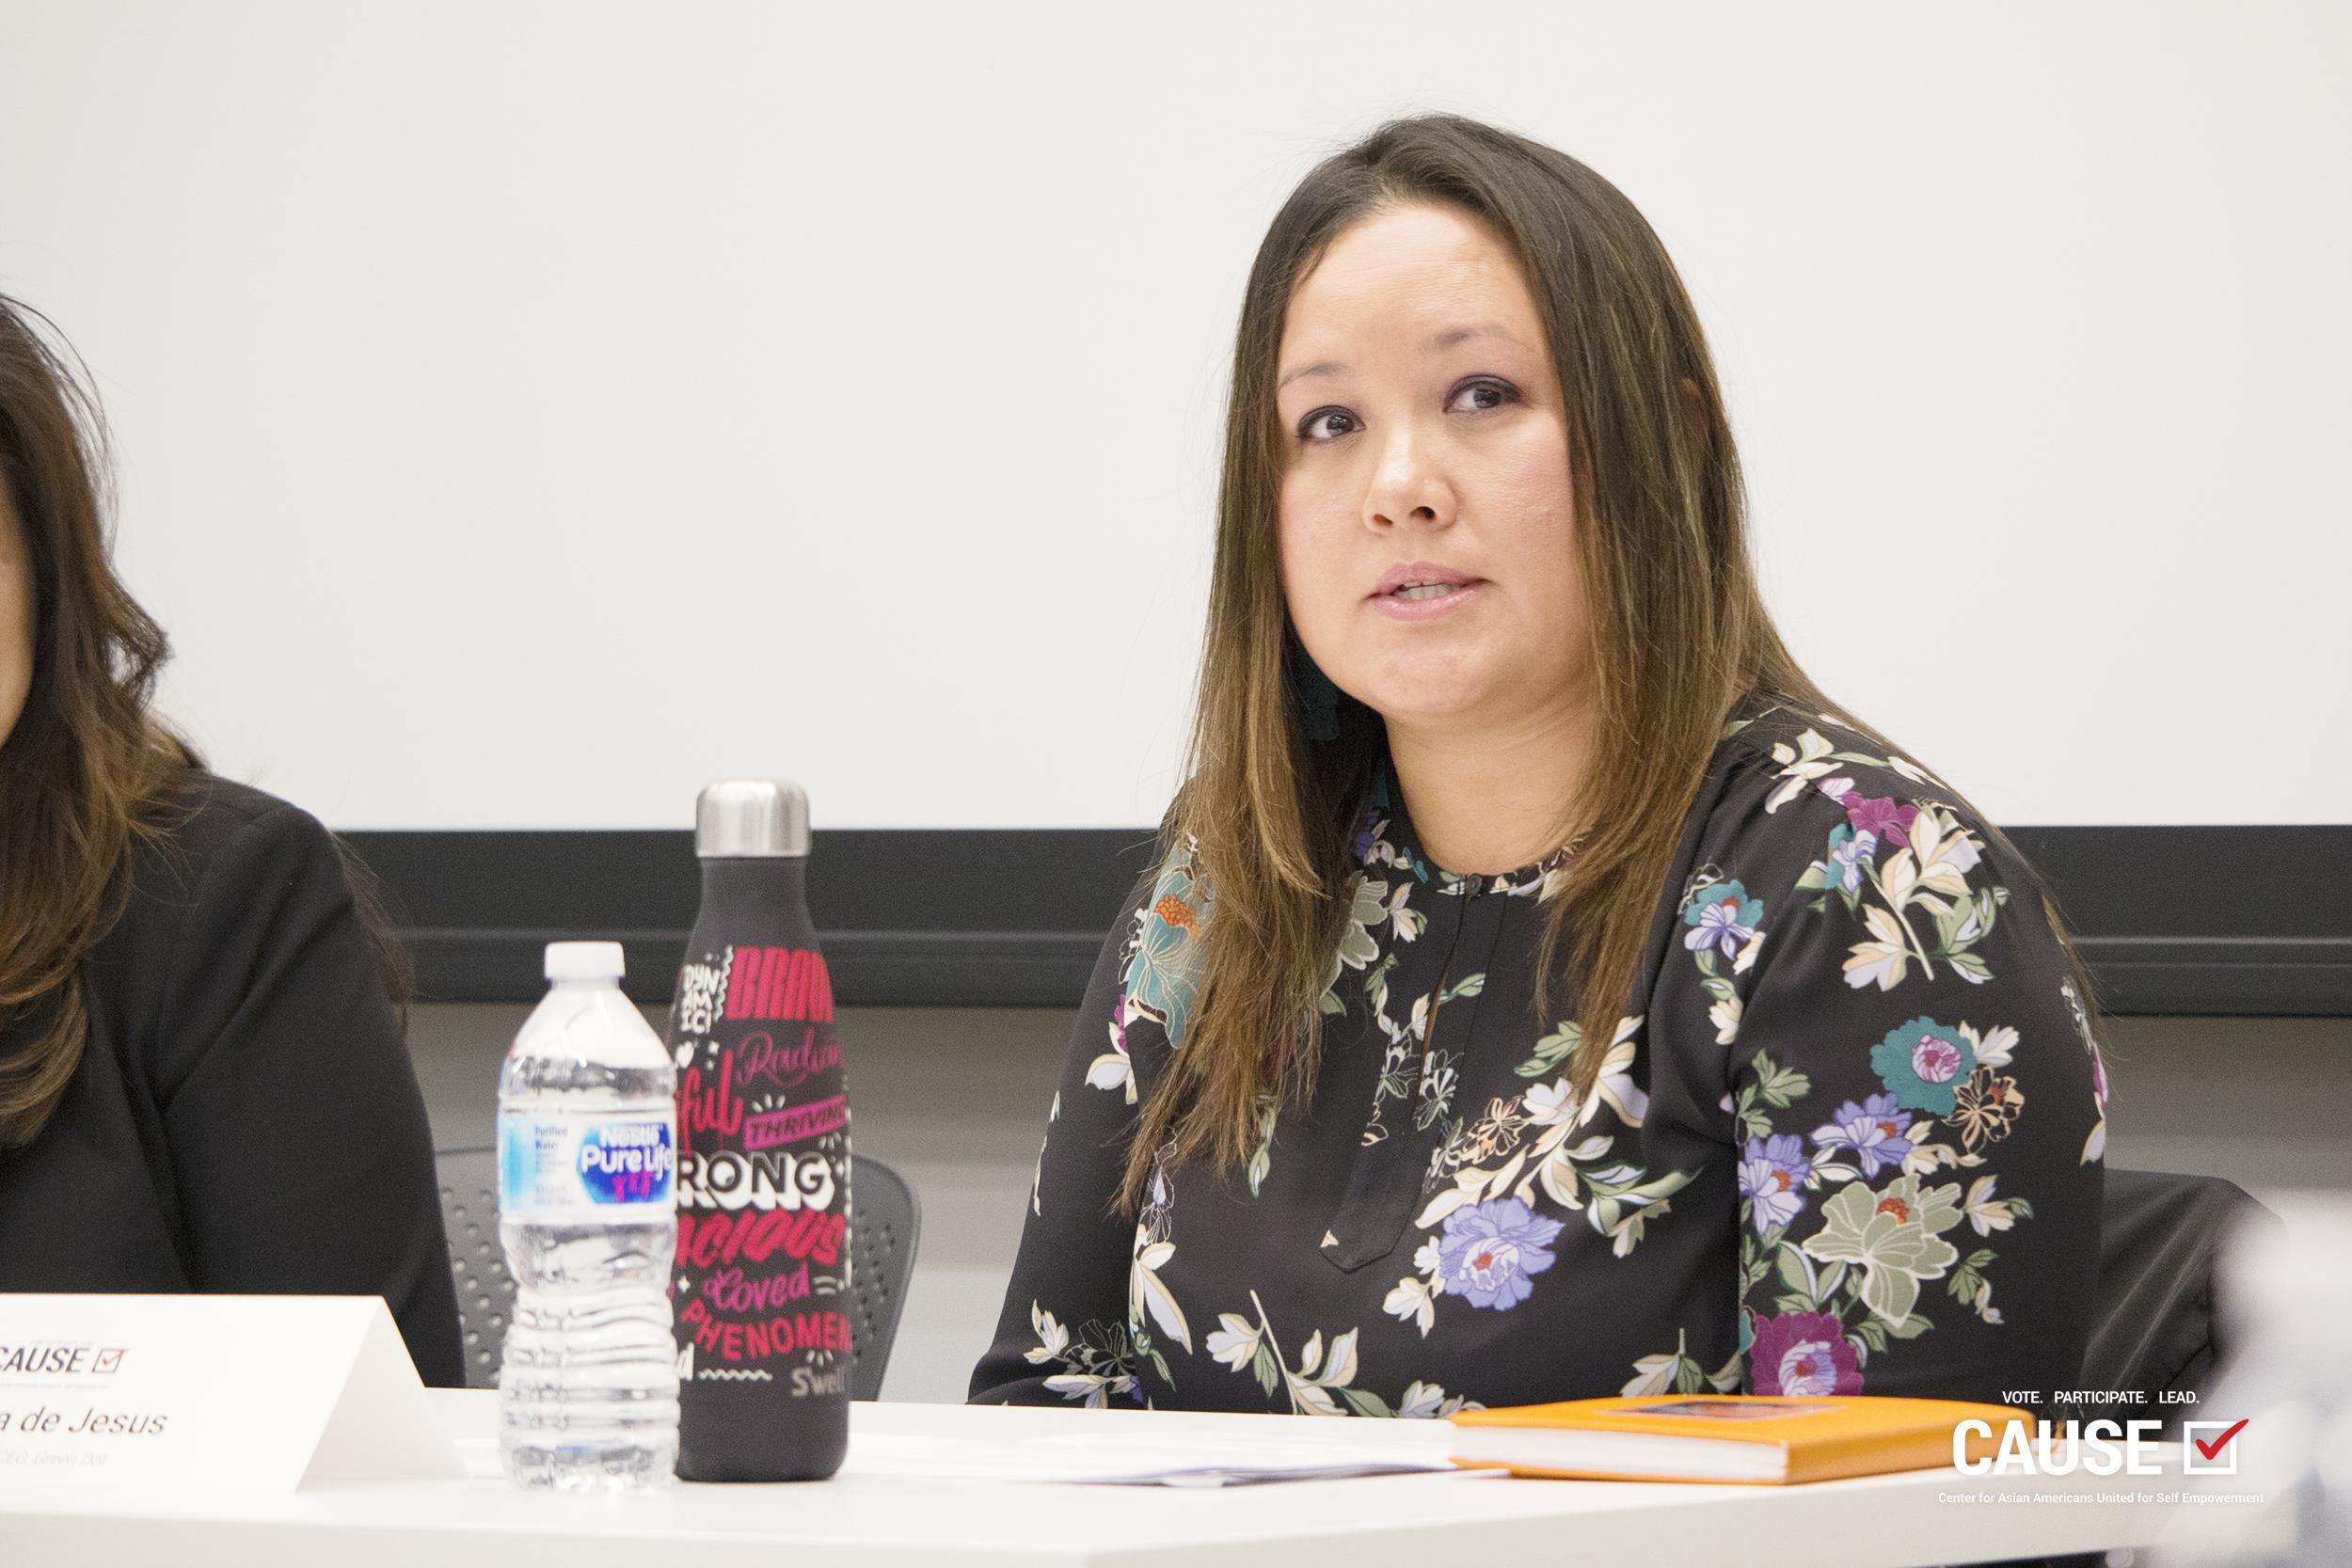 Cristina de Jesus speaking to the 2019 CAUSE Leadership Institute